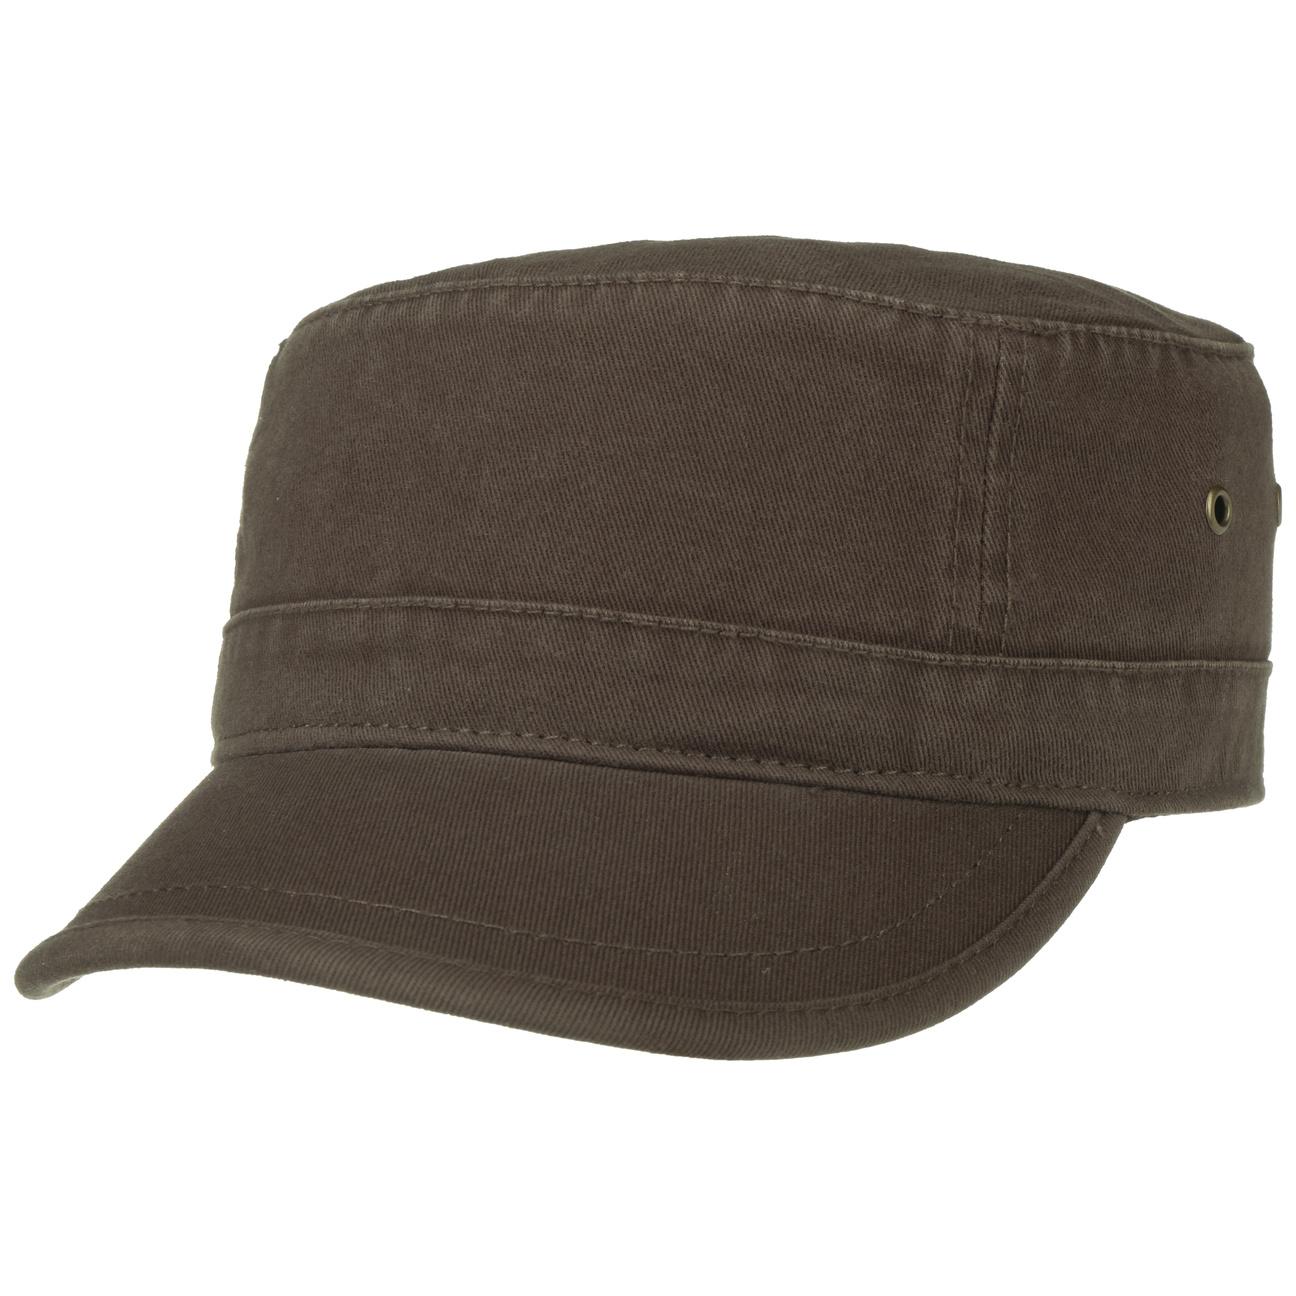 59dd0a7c9f3 ... Urban Army Cap for Women - brown 1 ...